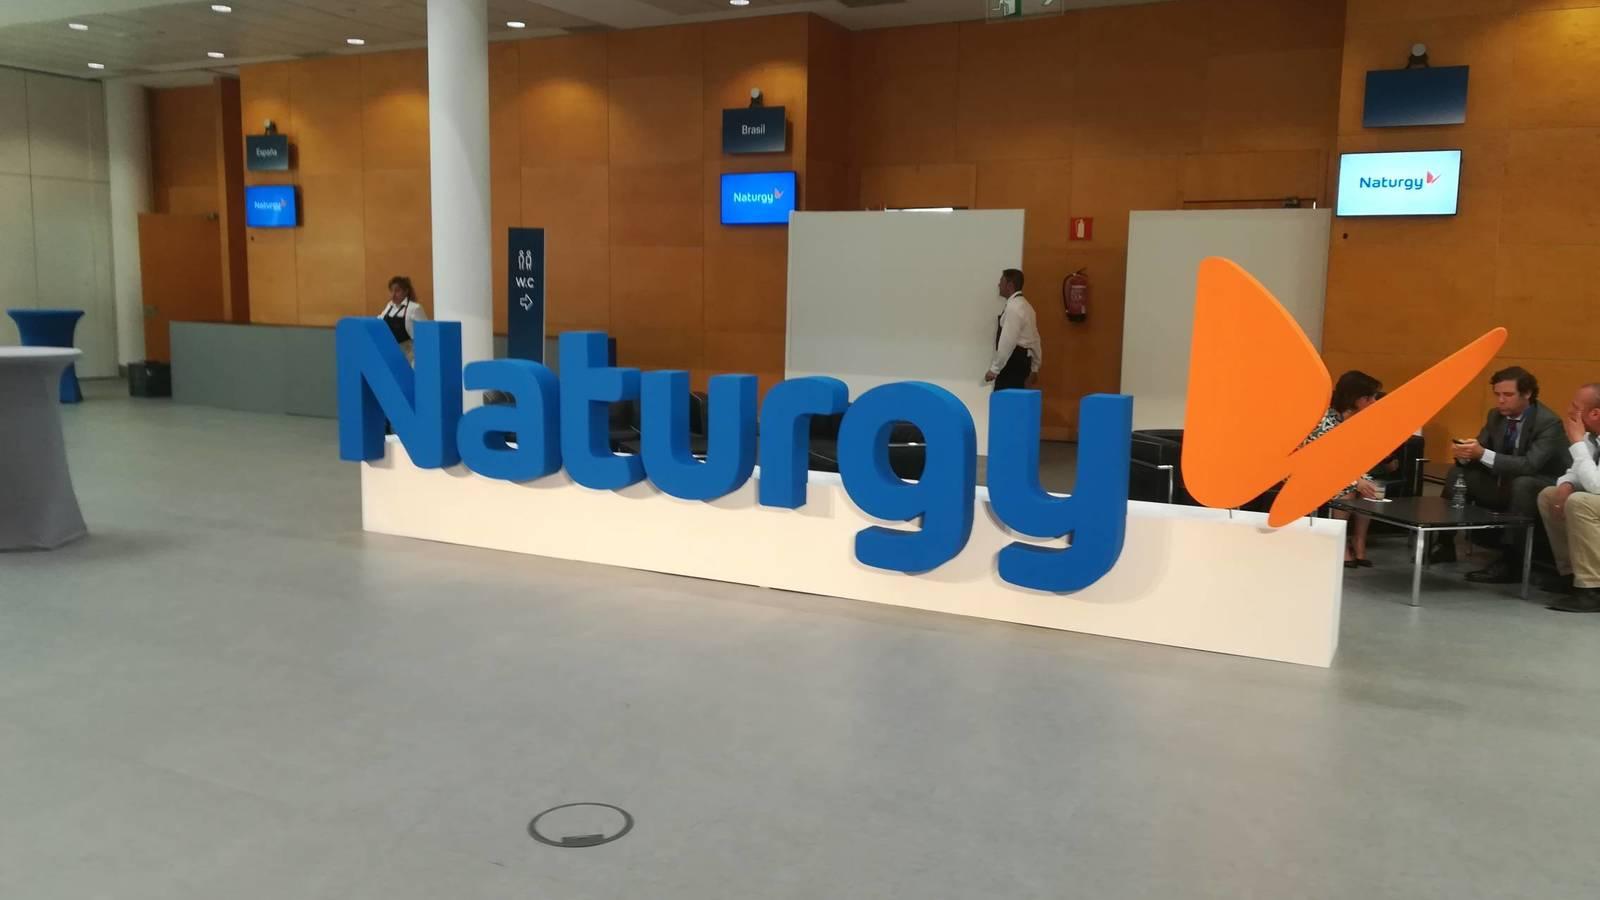 Primera advertencia de Naturgy a la CNMC tras el anuncio de recortes al gas: 300 empleados, a casa de manera temporal